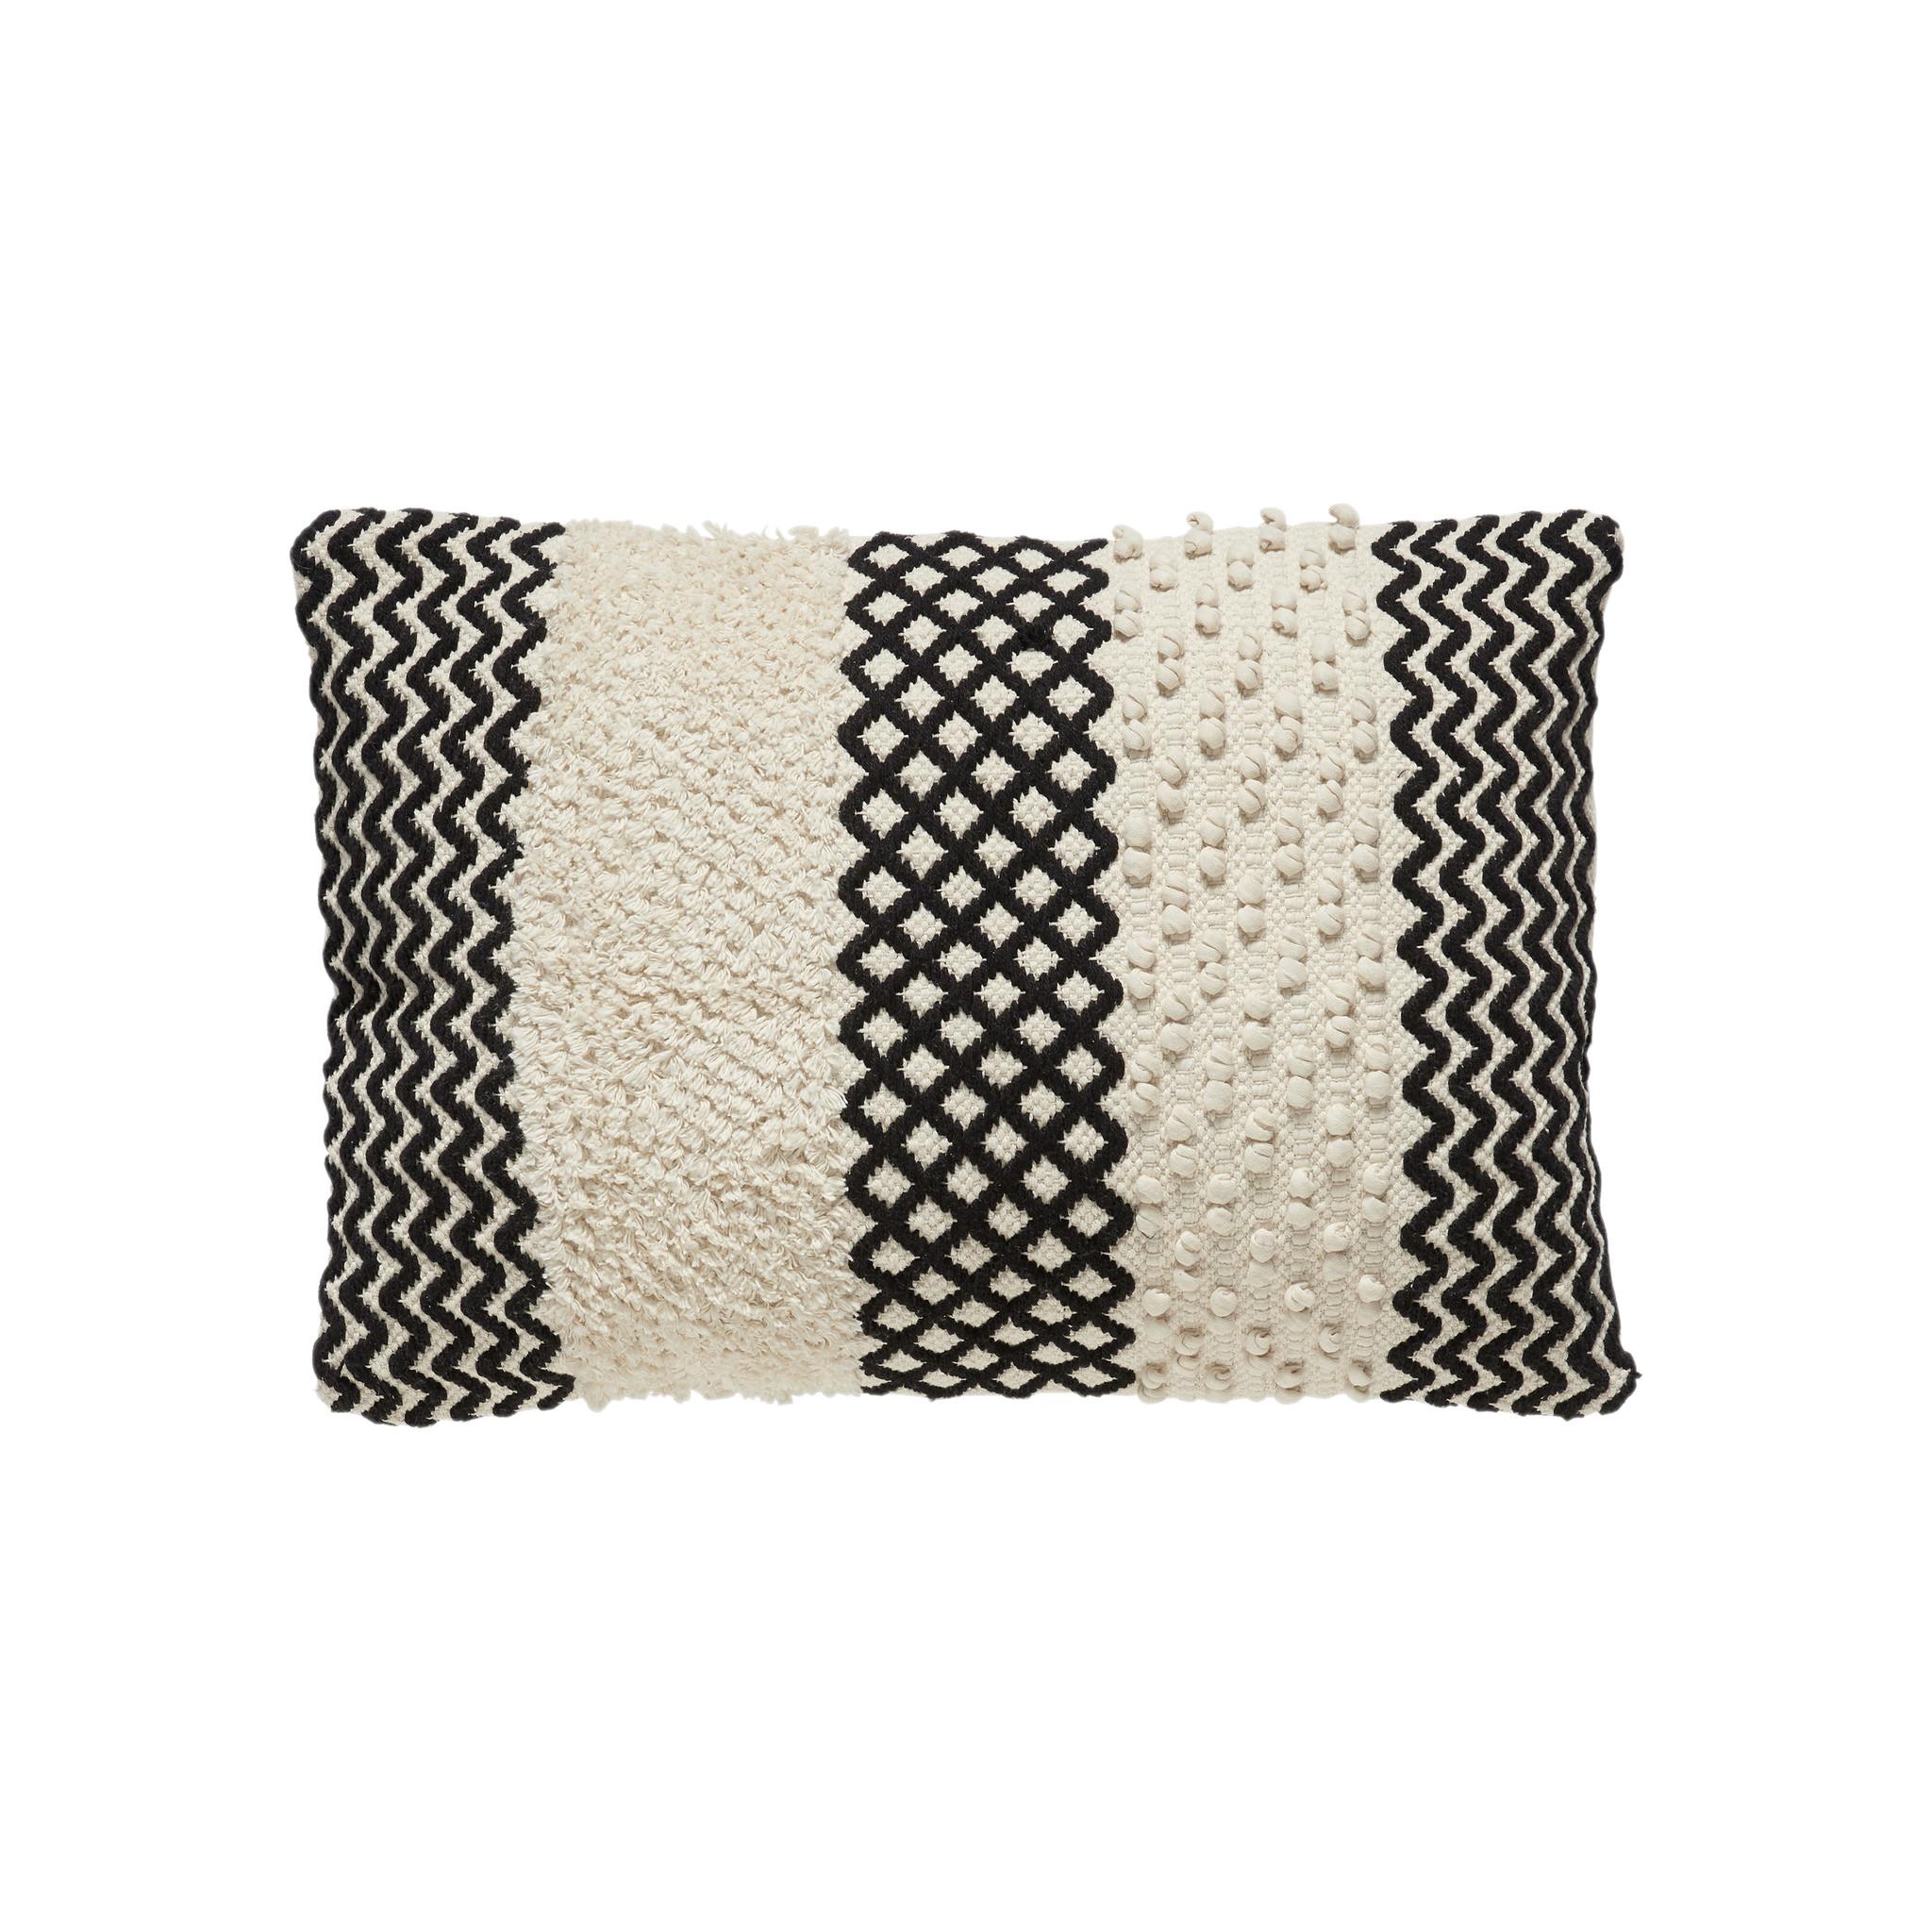 Hubsch Kussen met patroon / opvulling, katoen, wit / zwart